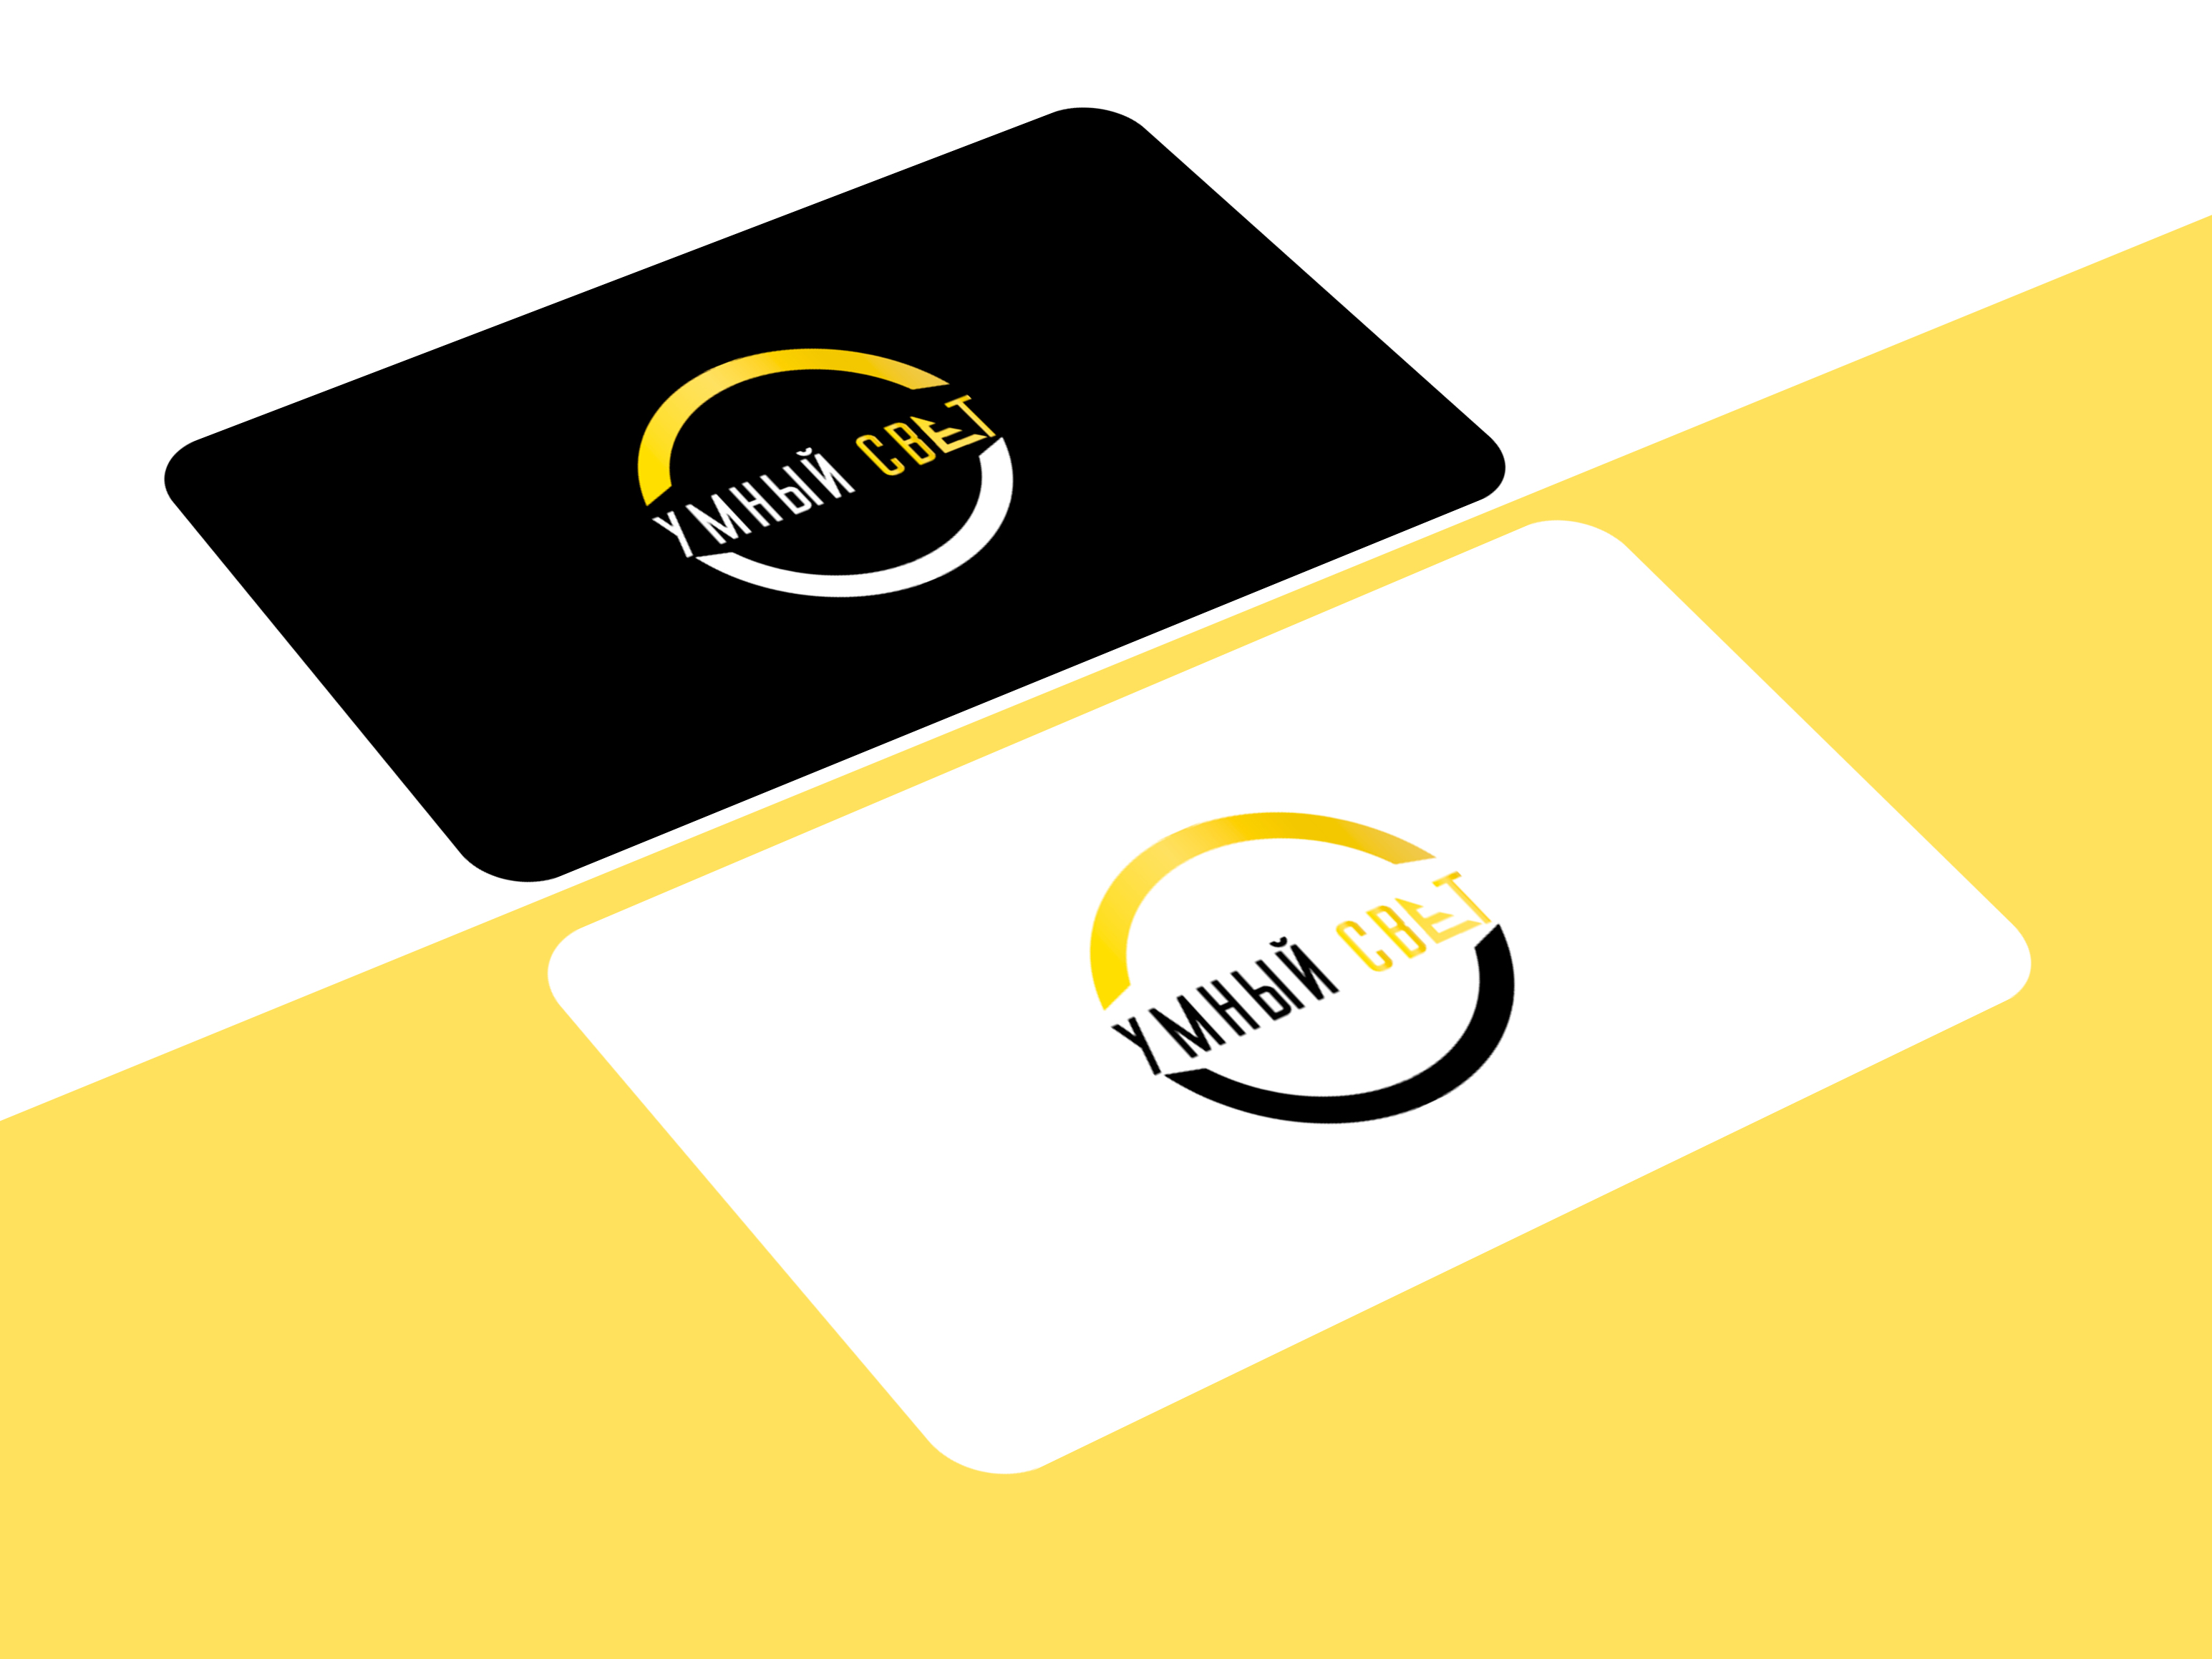 Логотип для салон-магазина освещения фото f_5185cfea978d122d.jpg